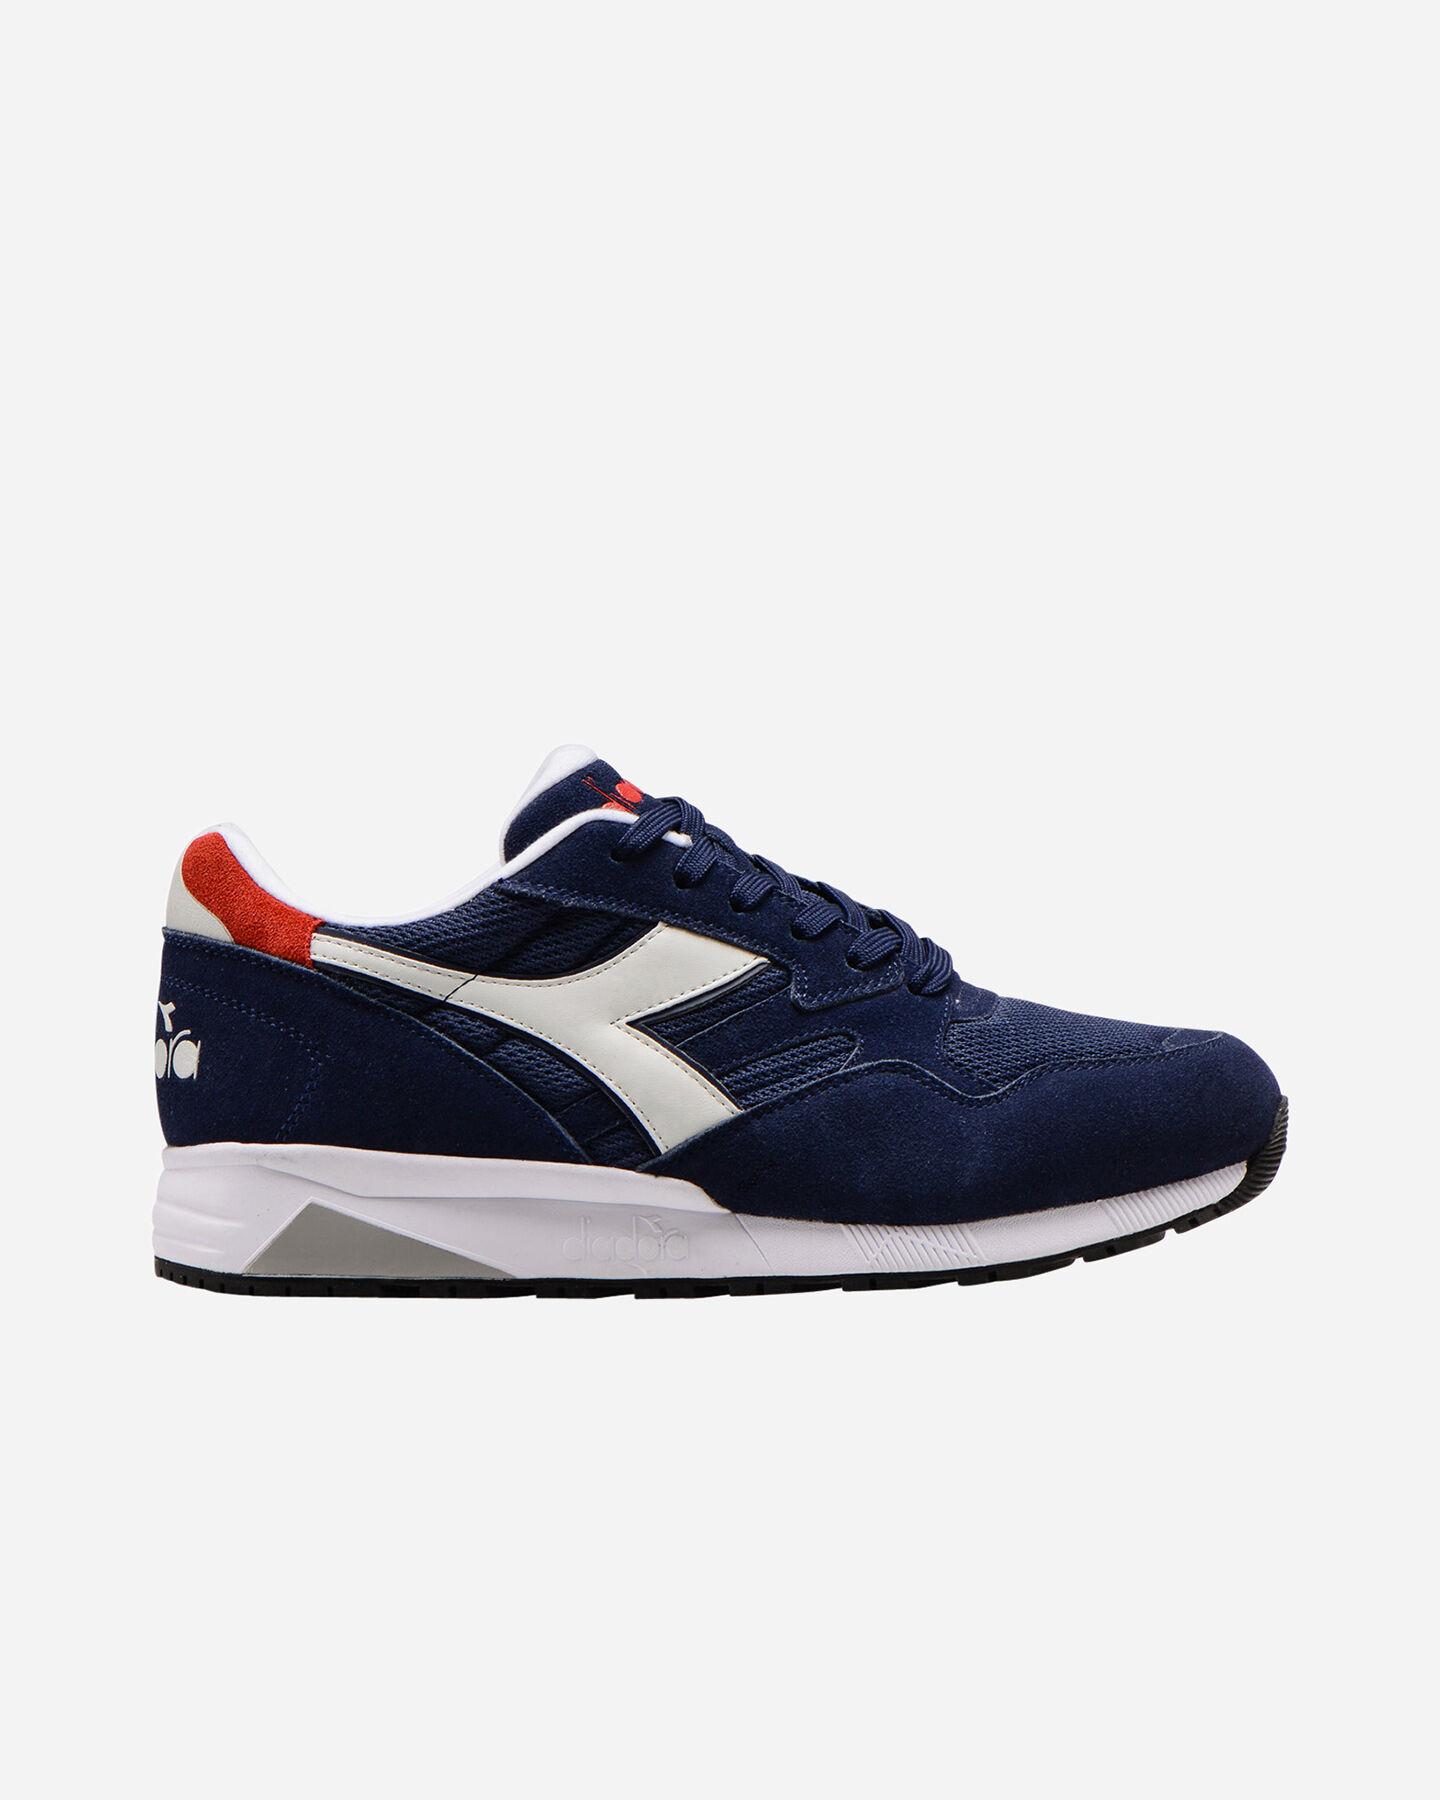 Scarpe sneakers DIADORA N902 S M S5226810 scatto 0